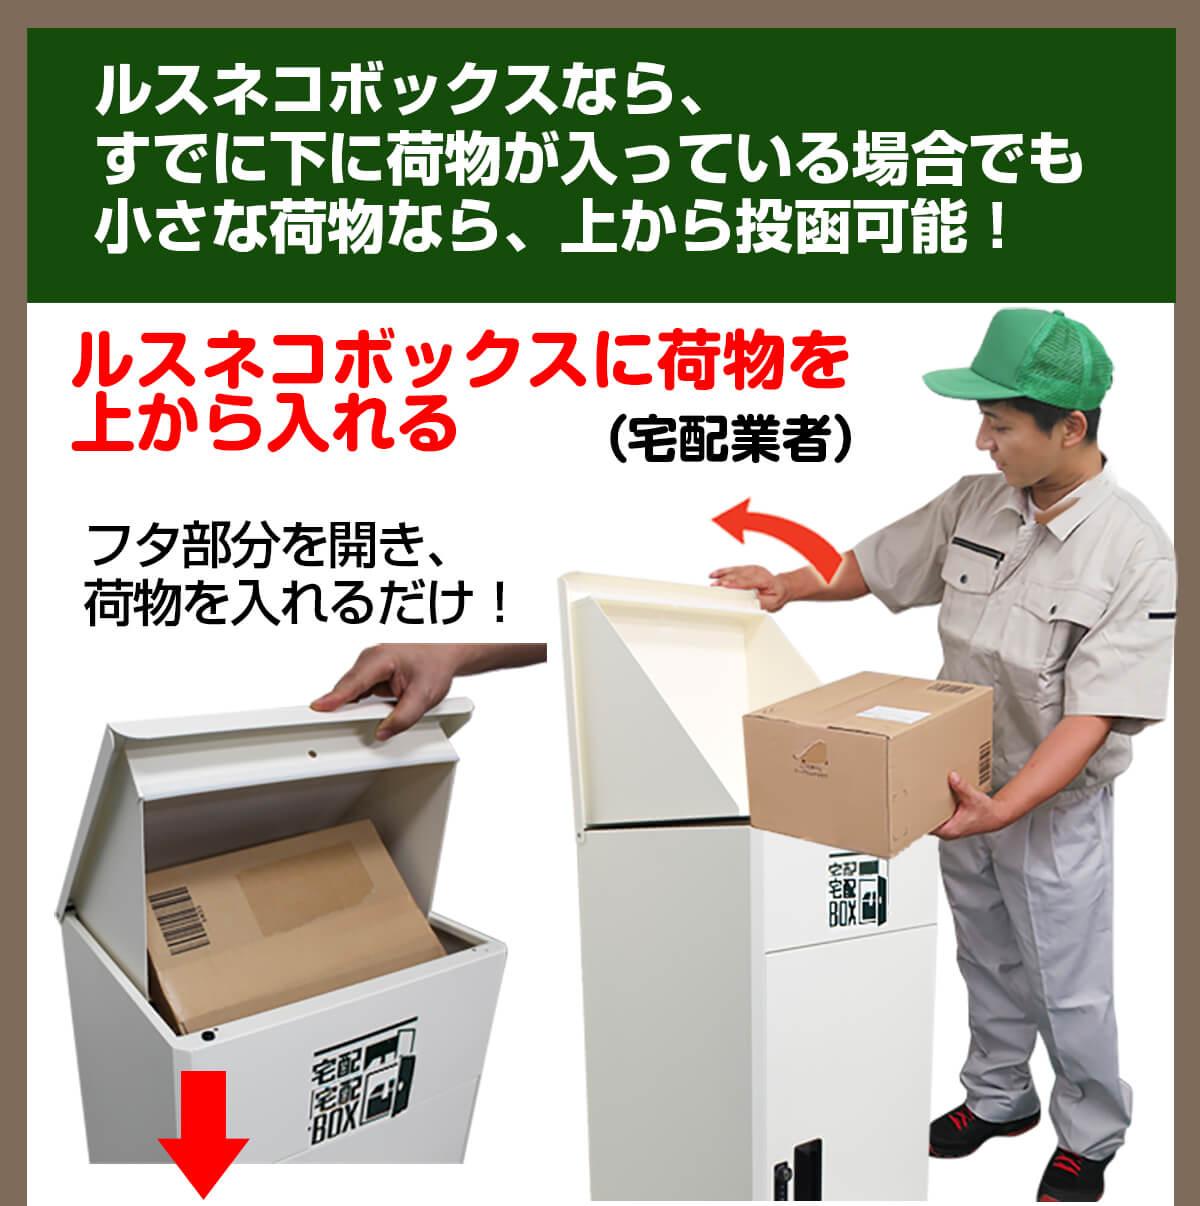 宅配ボックス ルスネコボックス®の上からの使い方1